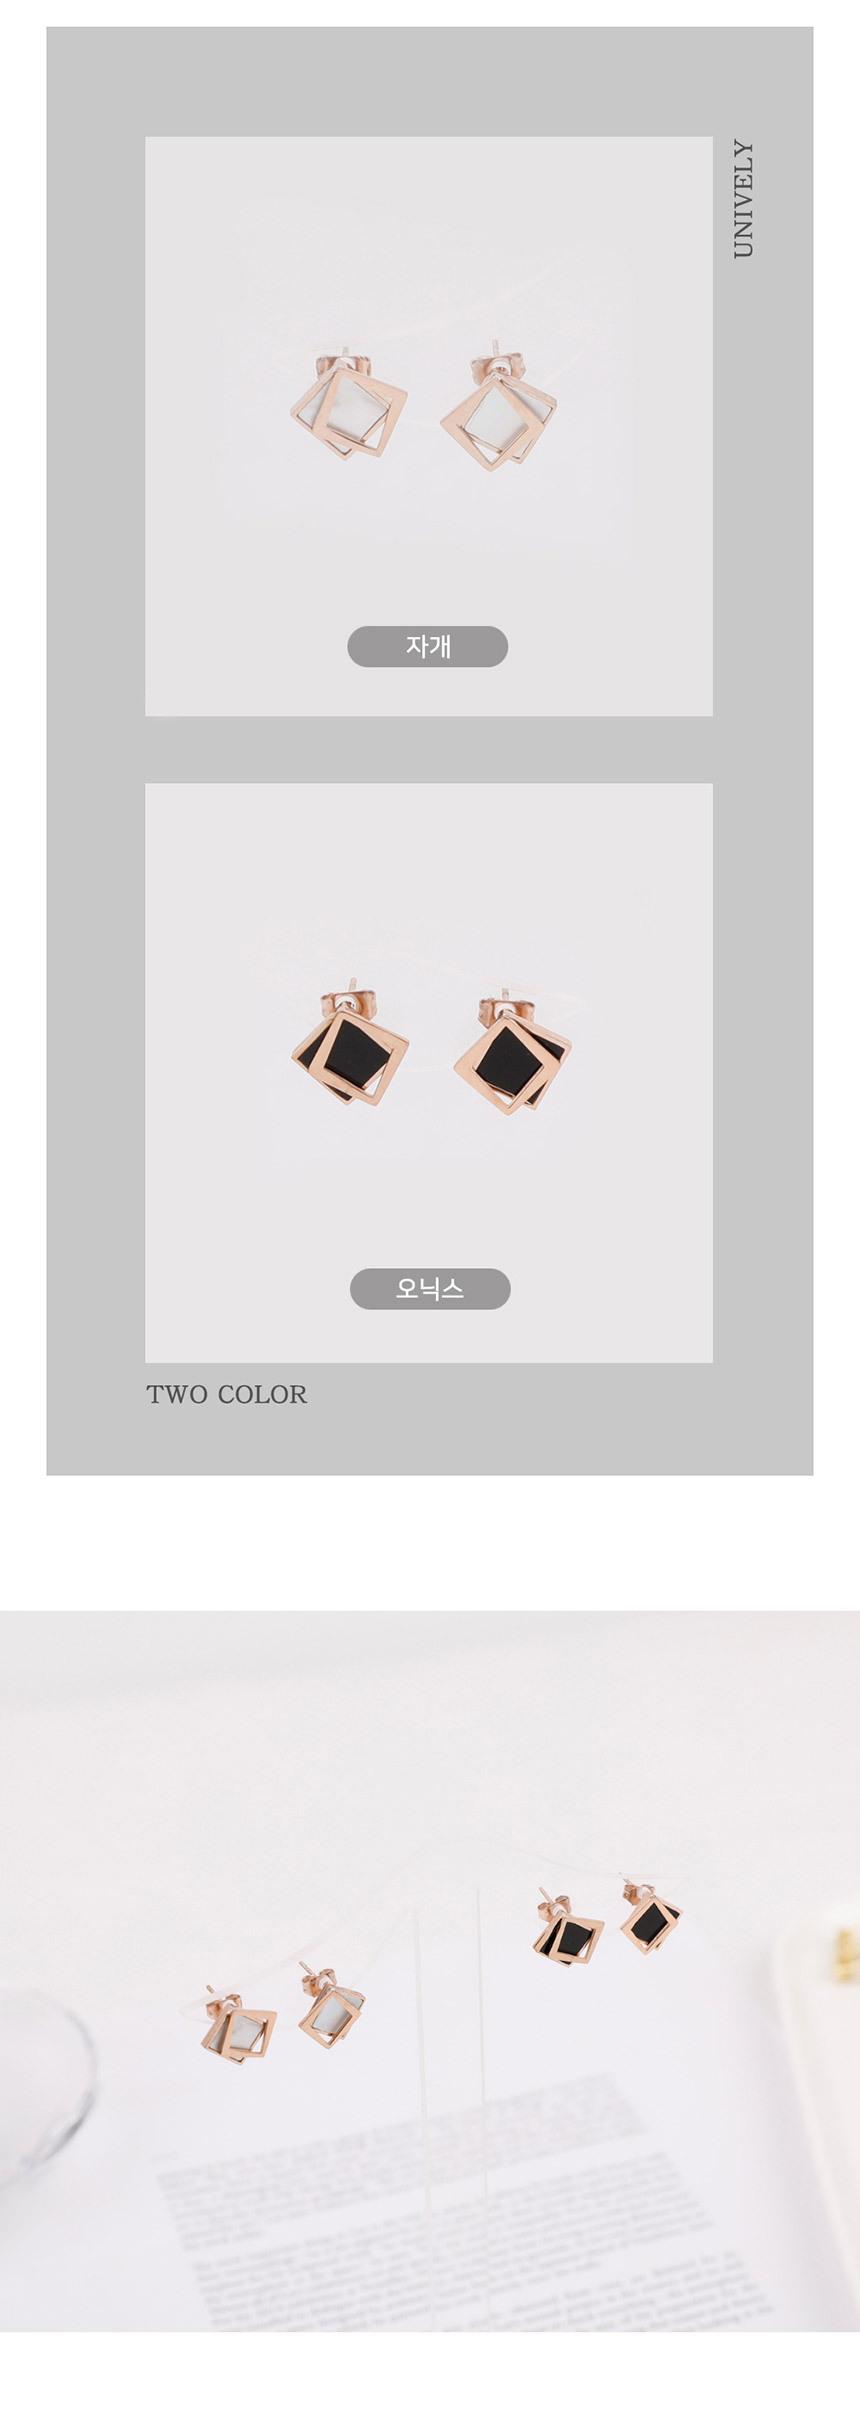 데칼코마니 사각 써지컬 스틸 귀걸이-2종 - 링코, 9,900원, 실버, 드롭귀걸이